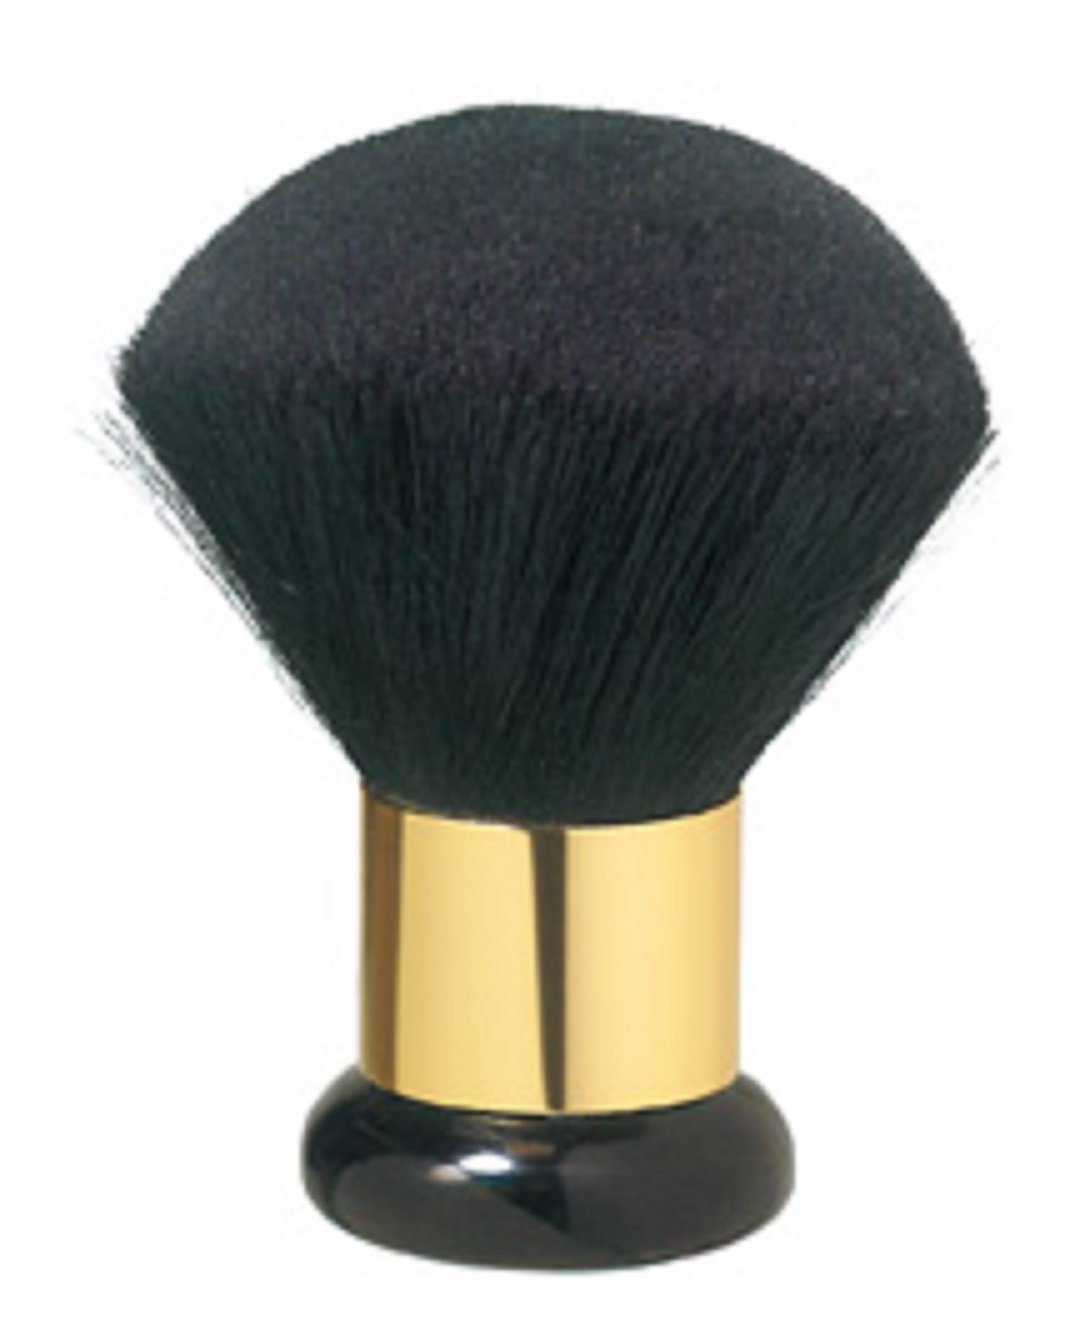 Comair 3020009Cuello plumero Jumbo pelo de cabra Oro Ring, 175x 60mm, color negro